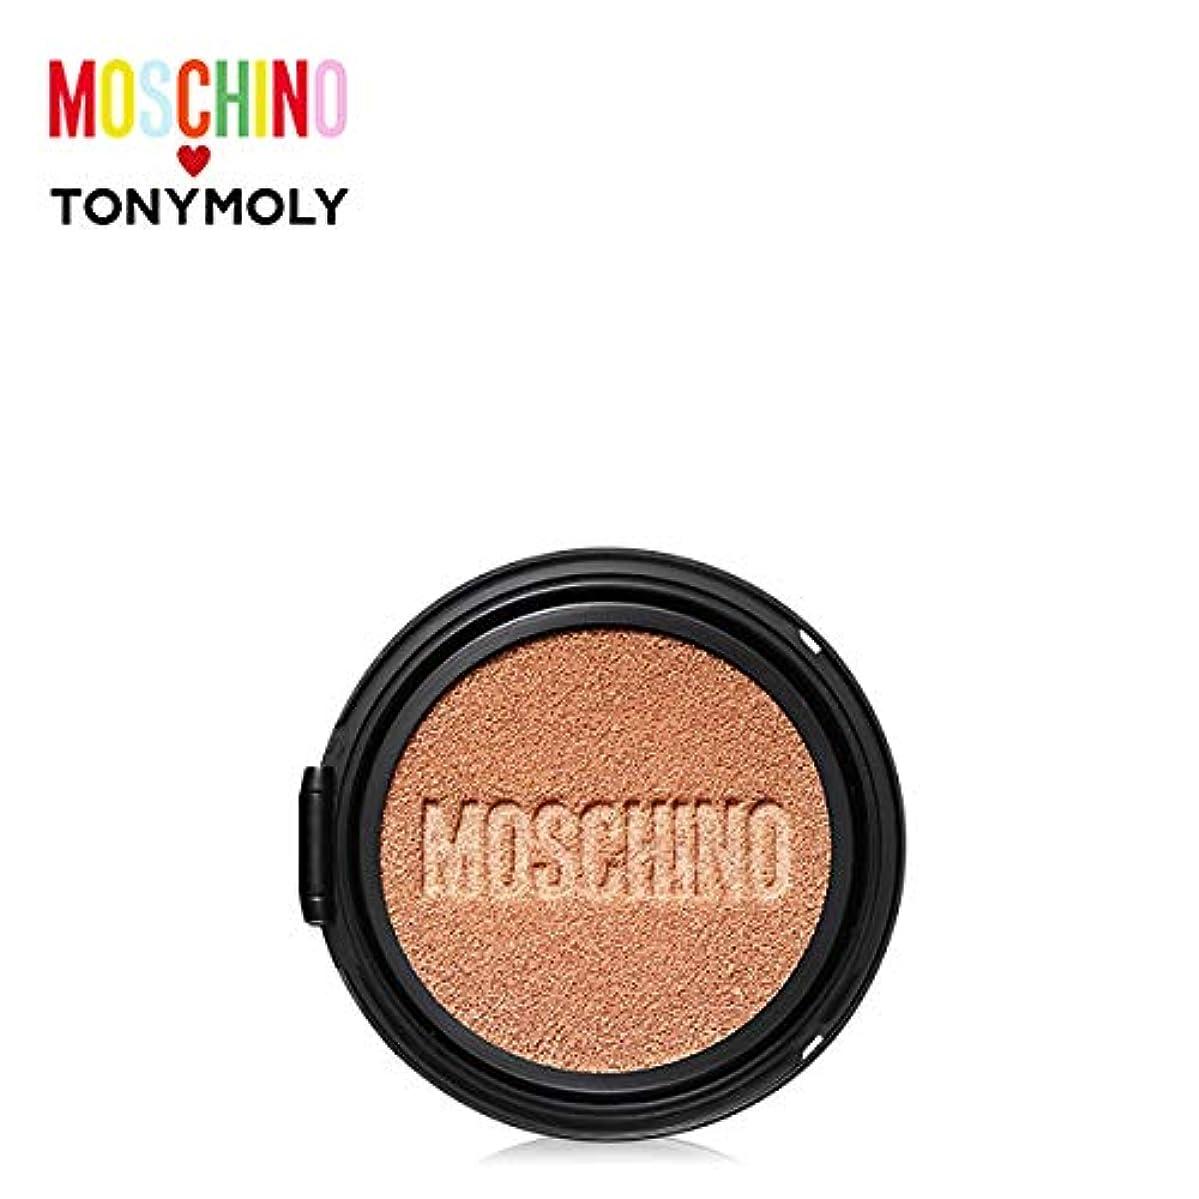 導出魚活性化TONYMOLY [MOSCHINO Edition] Gold Edition Chic Skin Cushion -Refill #01 CHIC VANILLA トニーモリー [モスキーノ] ゴールドエディション...